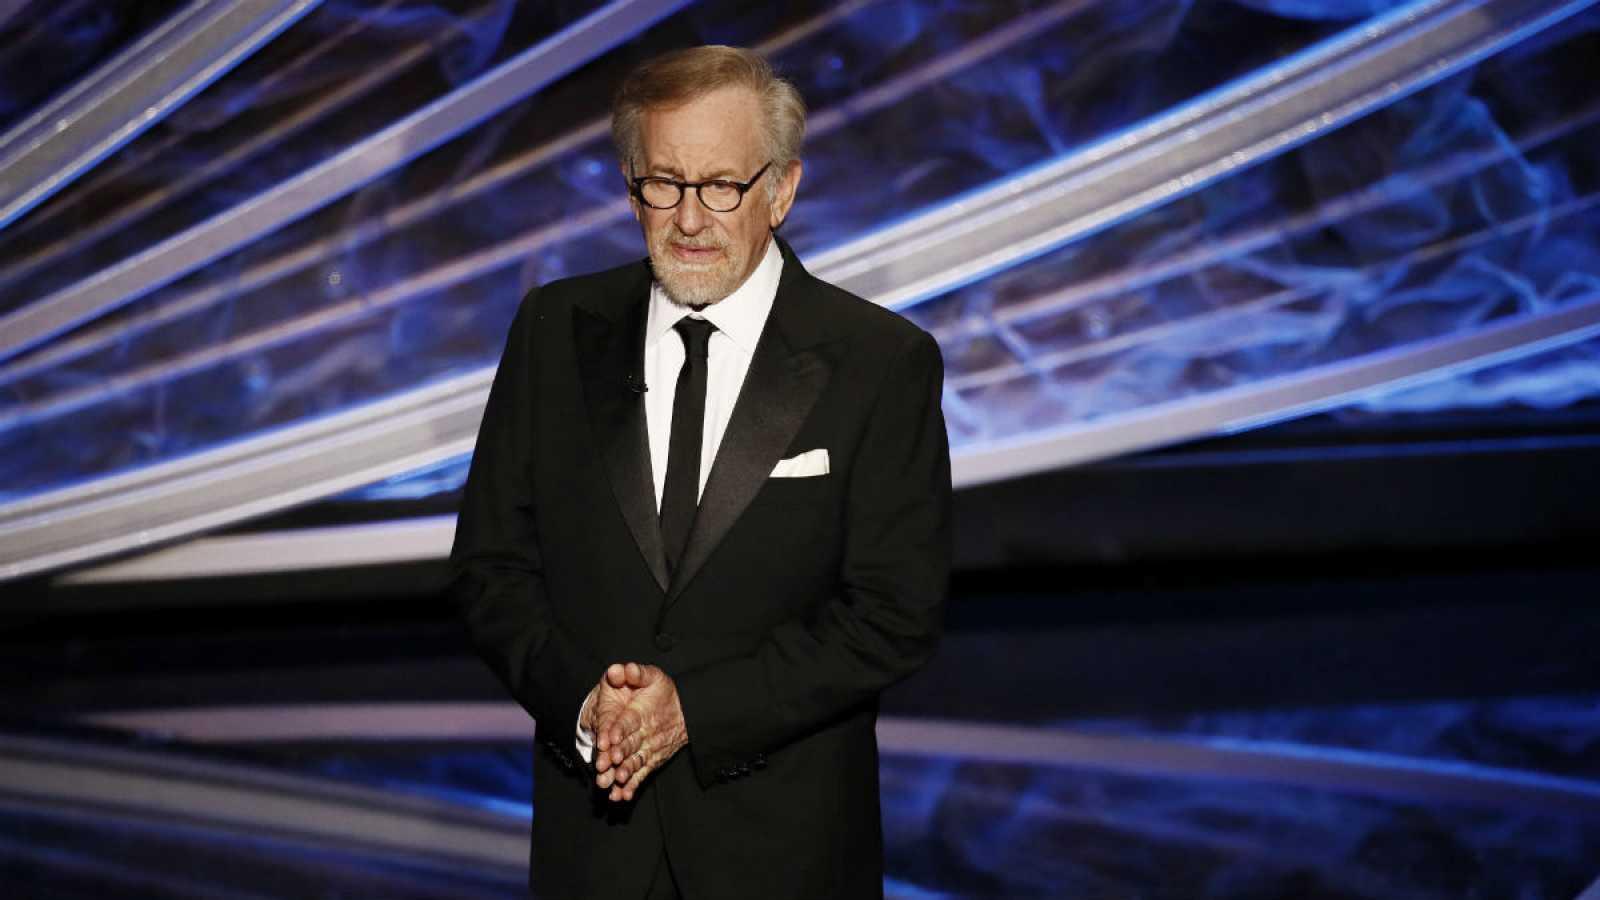 El director estadounidense Steven Spielberg en un discurso durante la ceremonia de los Oscar 2020.